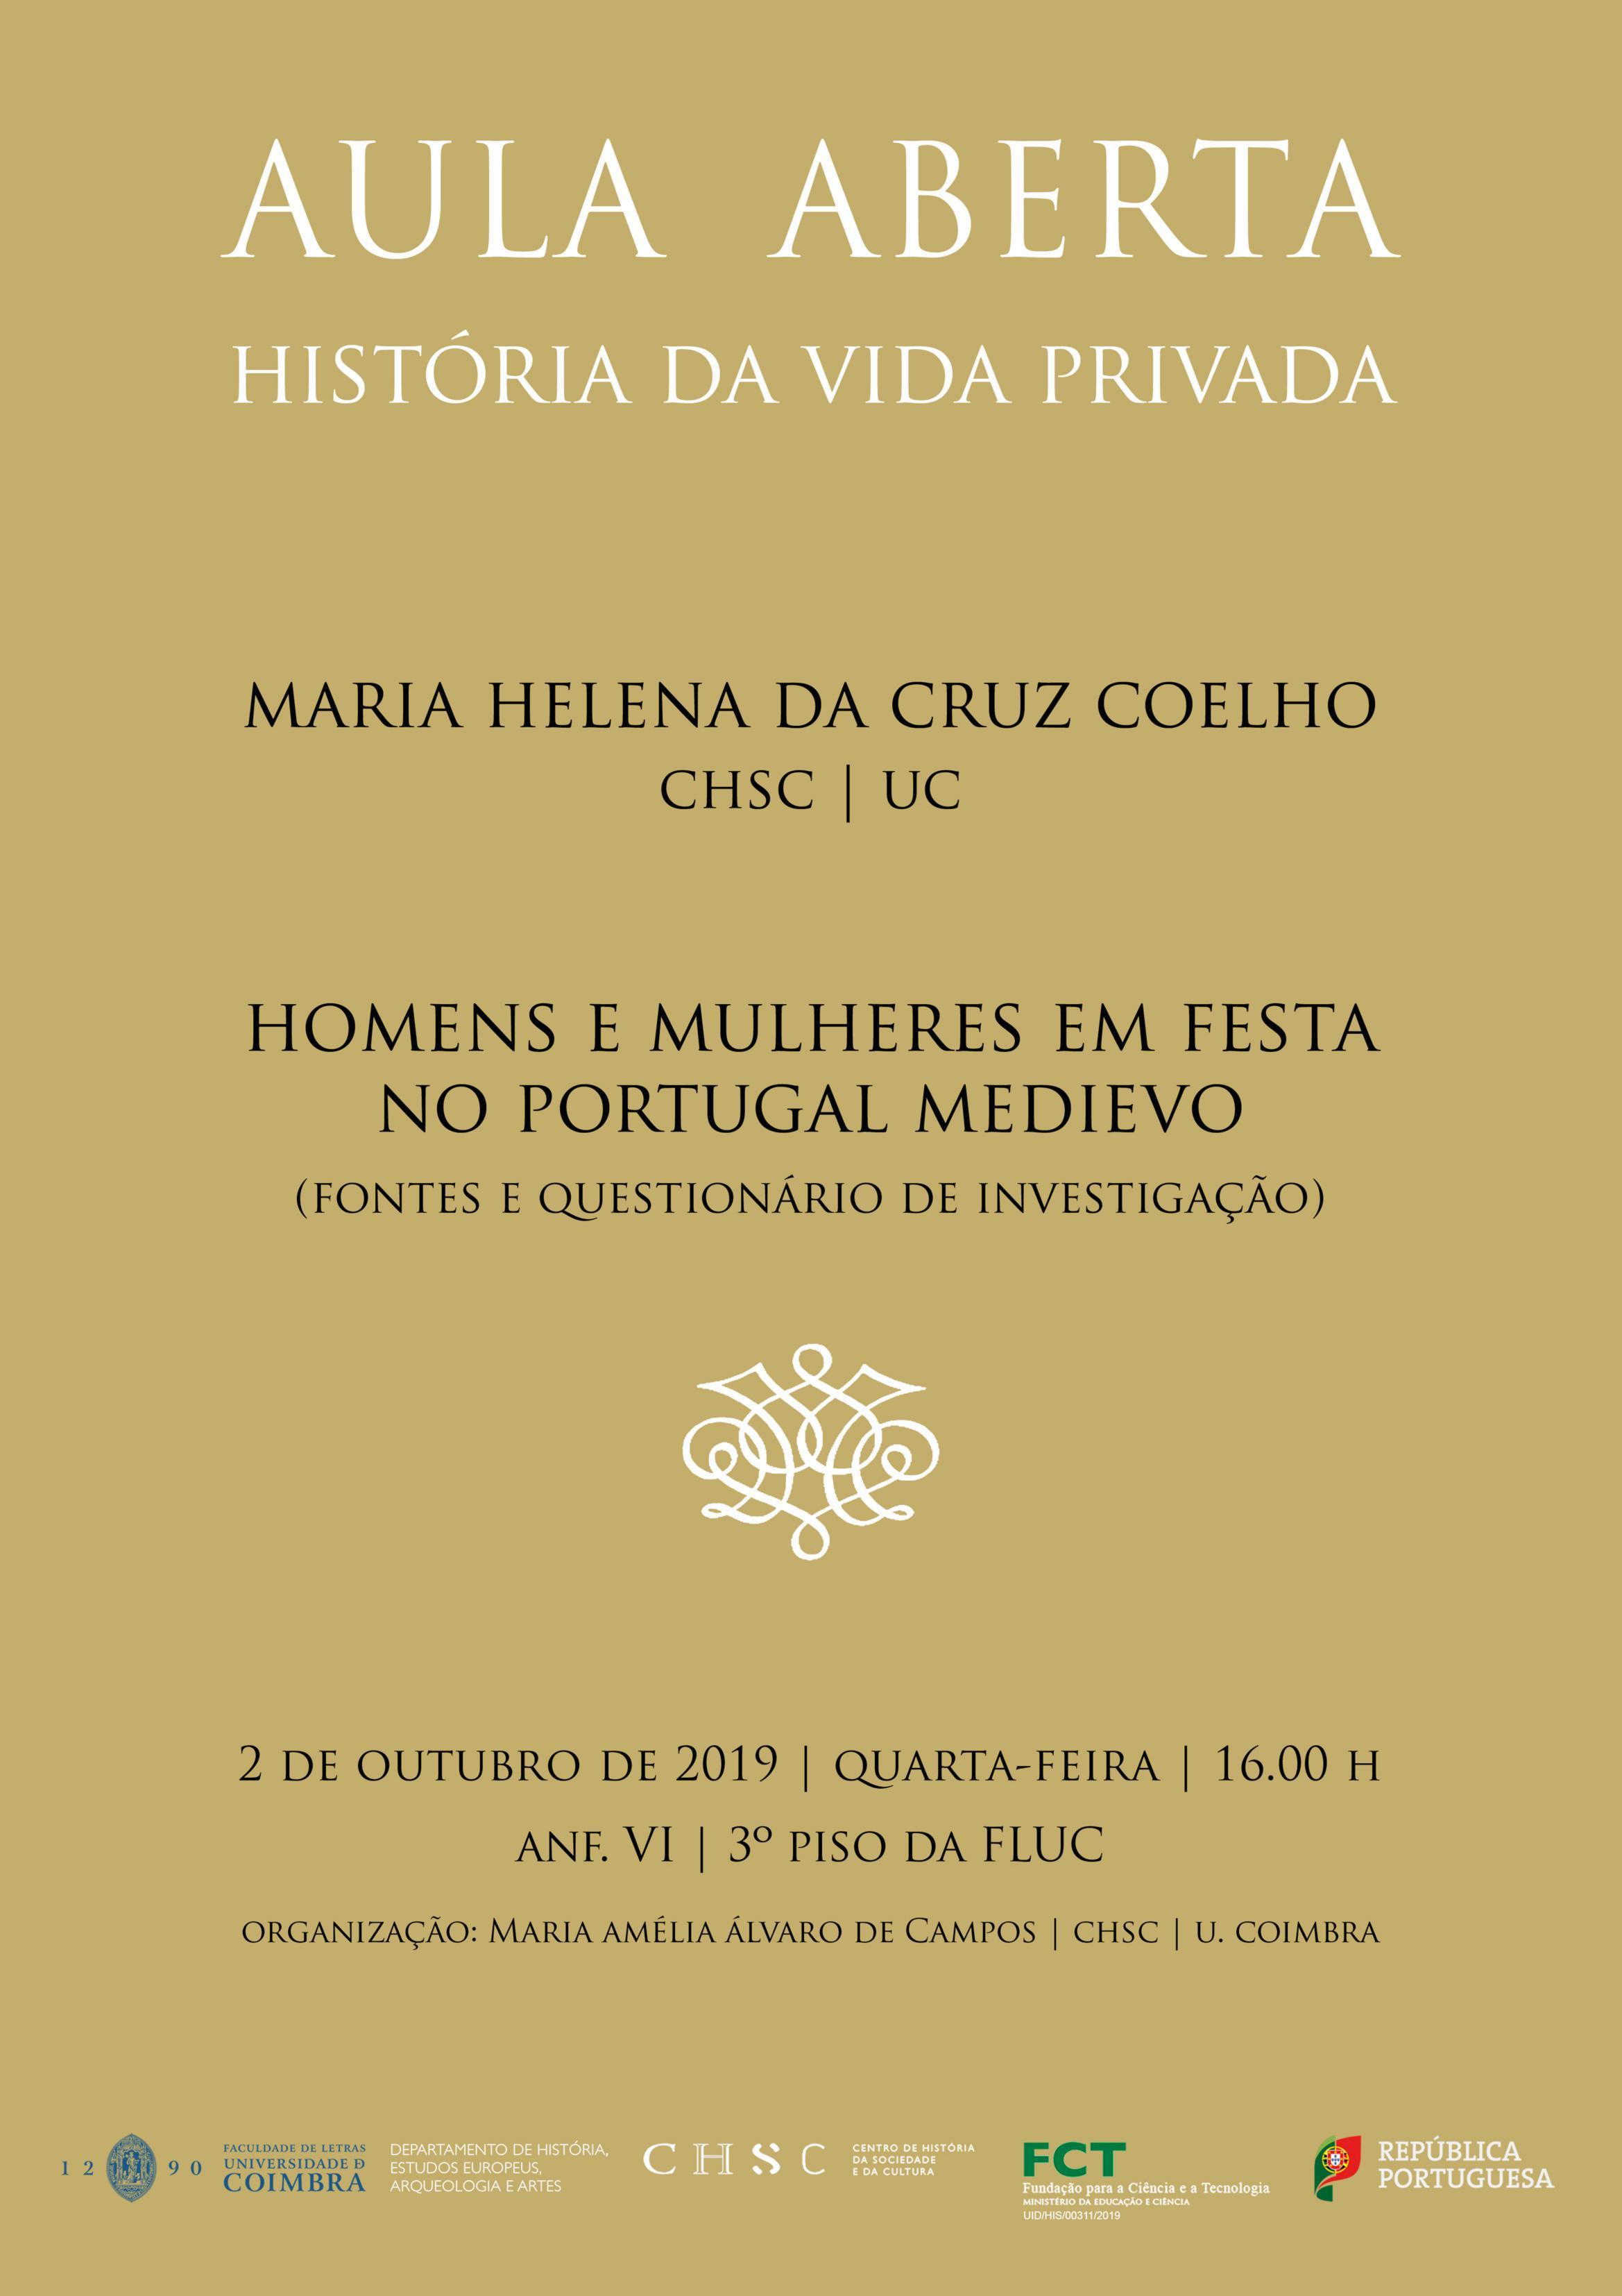 AULA ABERTA – HOMENS E MULHERES EM FESTA NO PORTUGAL MEDIEVO (FONTES E QUESTIONÁRIO DE INVESTIGAÇÃO)